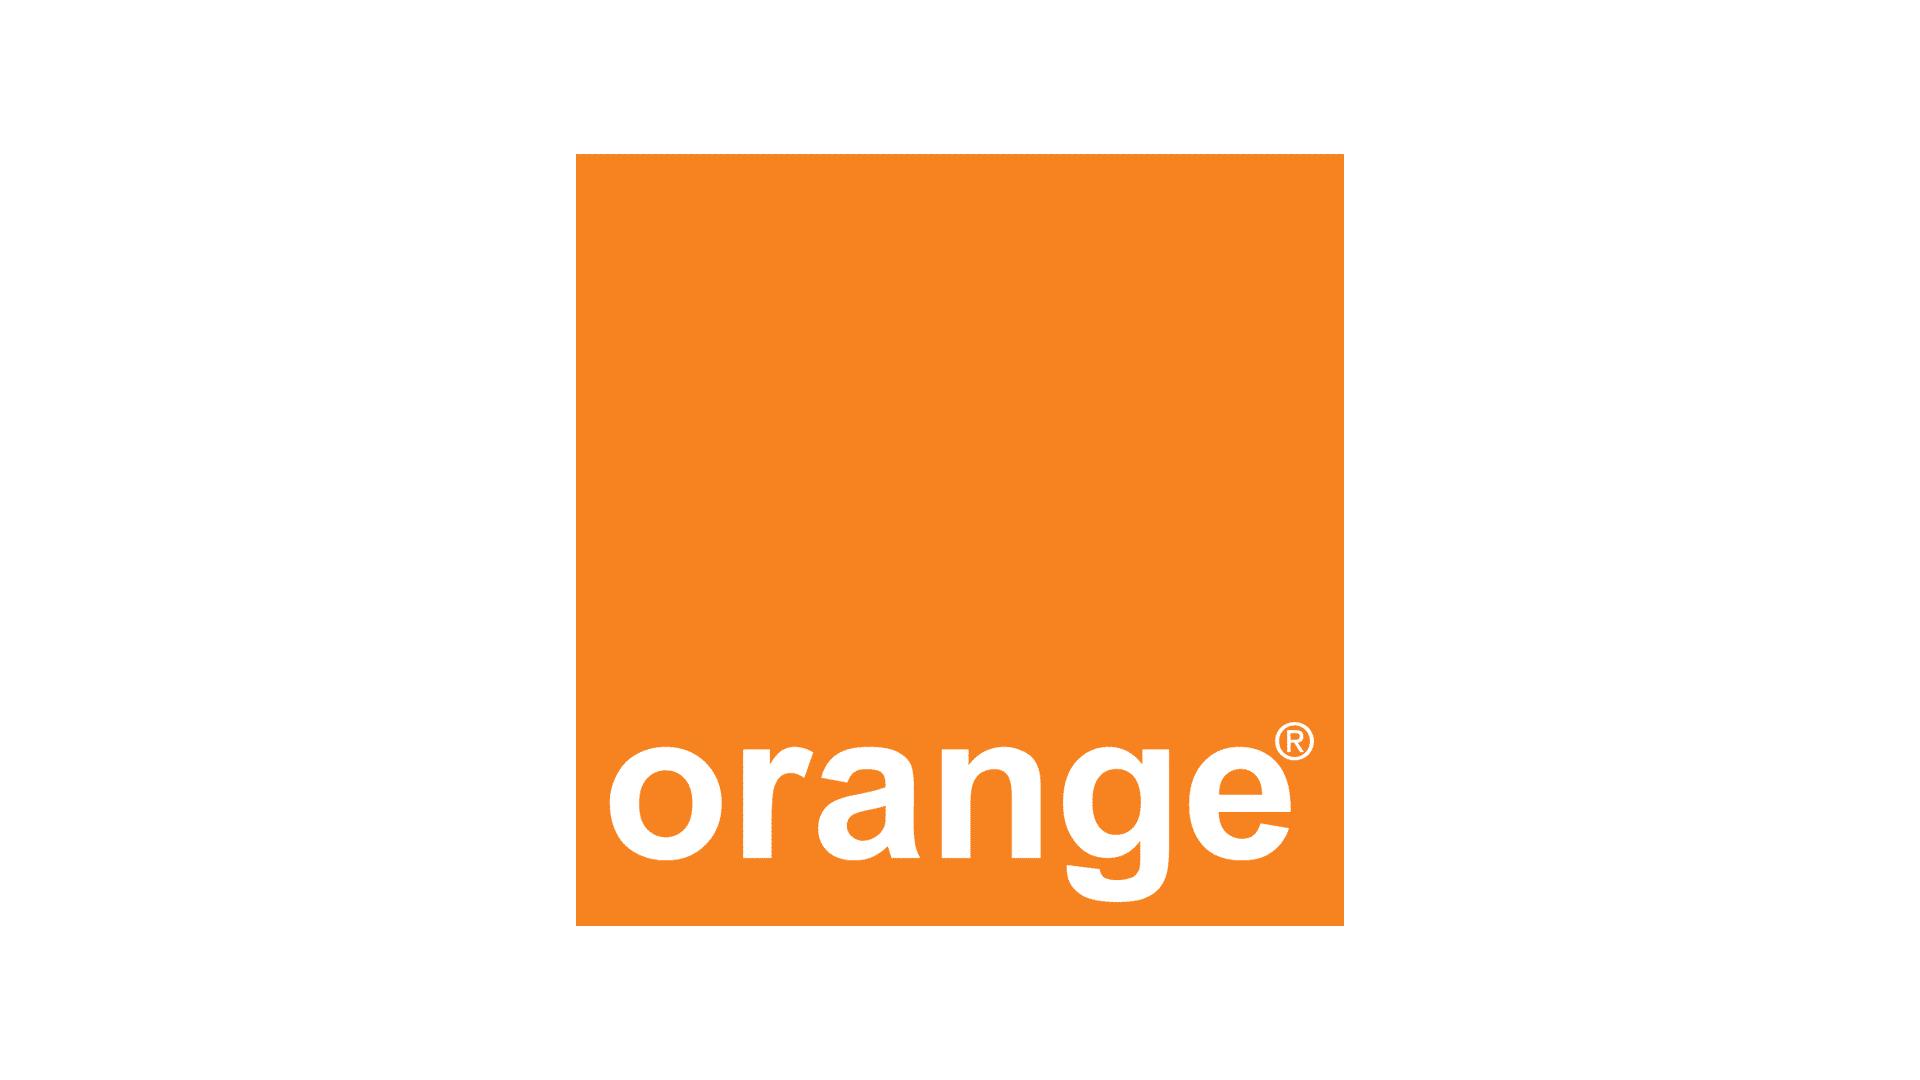 Orange dáta zadarmo